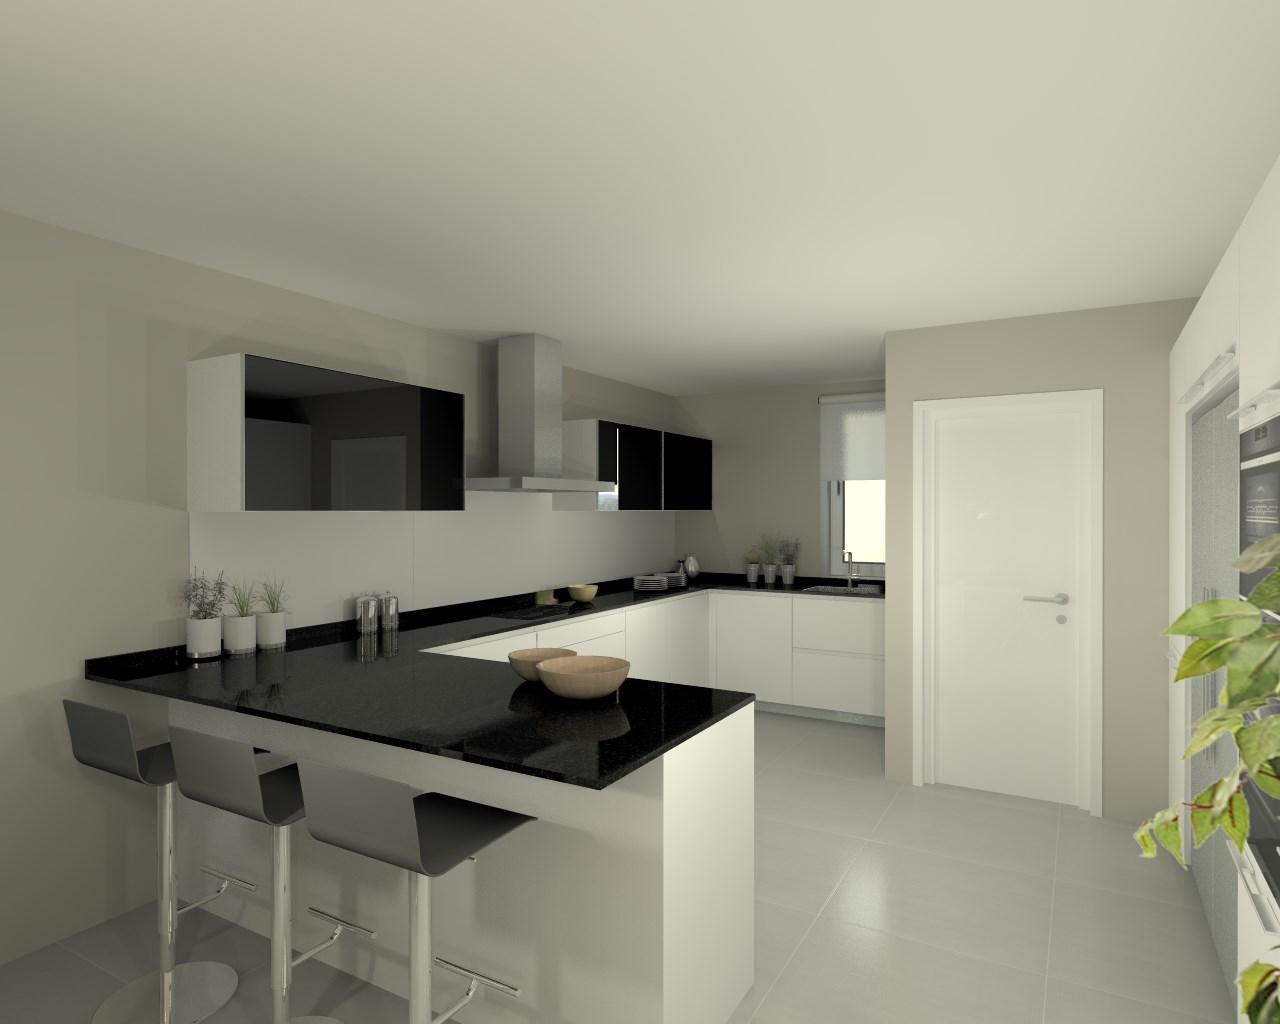 Proyectos de cocinas docrys cocinas for Granito negro brillante